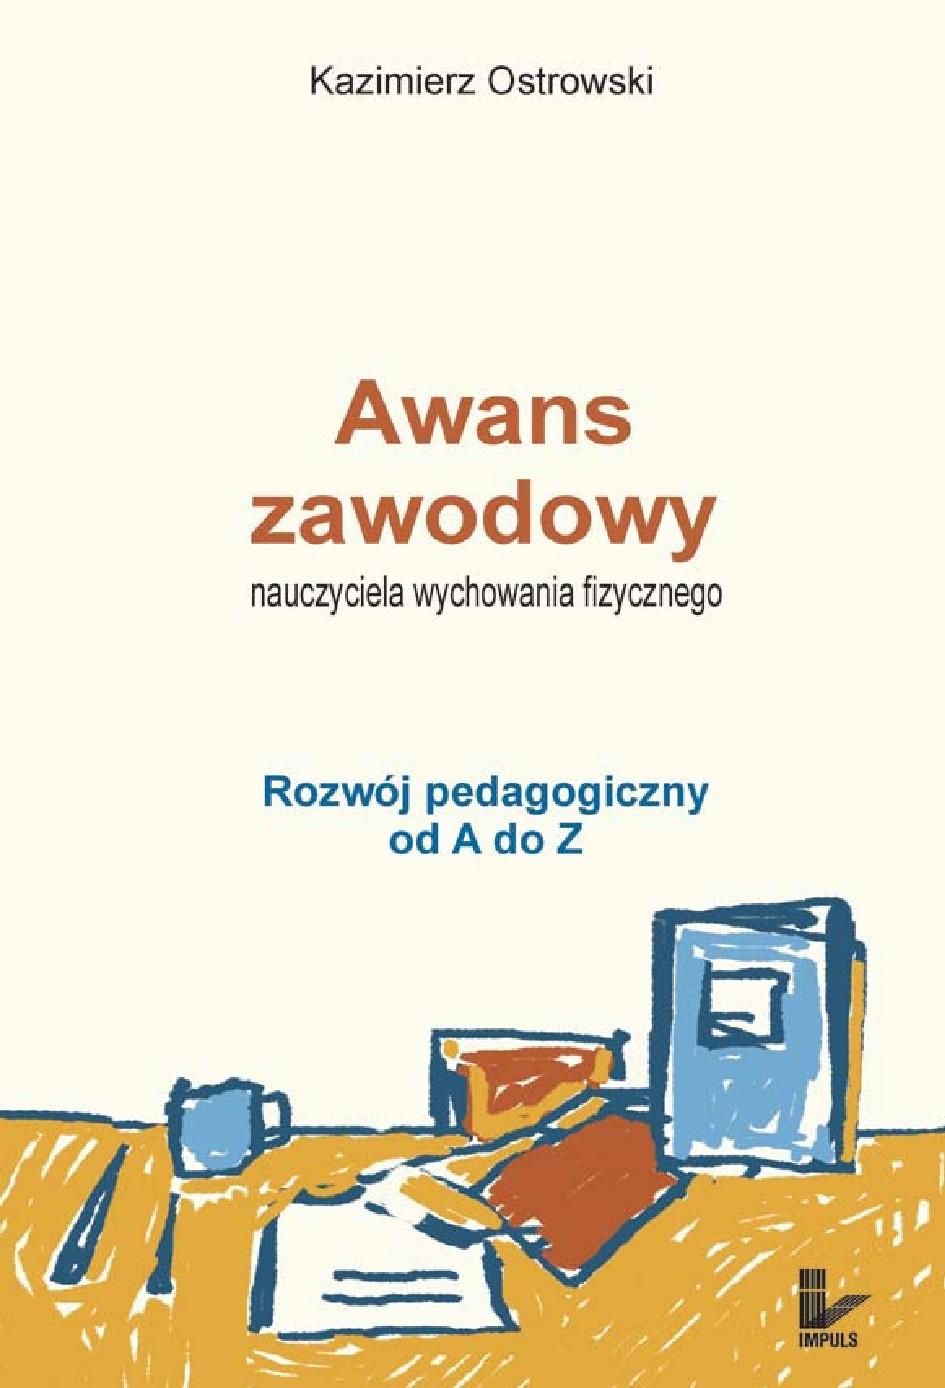 Książka zawiera wyjaśnienia, sugestie i podpowiedzi, w jaki sposób podejść od strony prakseologicznej i praktycznej do realizacji skomplikowanej pedagogicznie procedury awansu zawodowego przez nauczycieli.